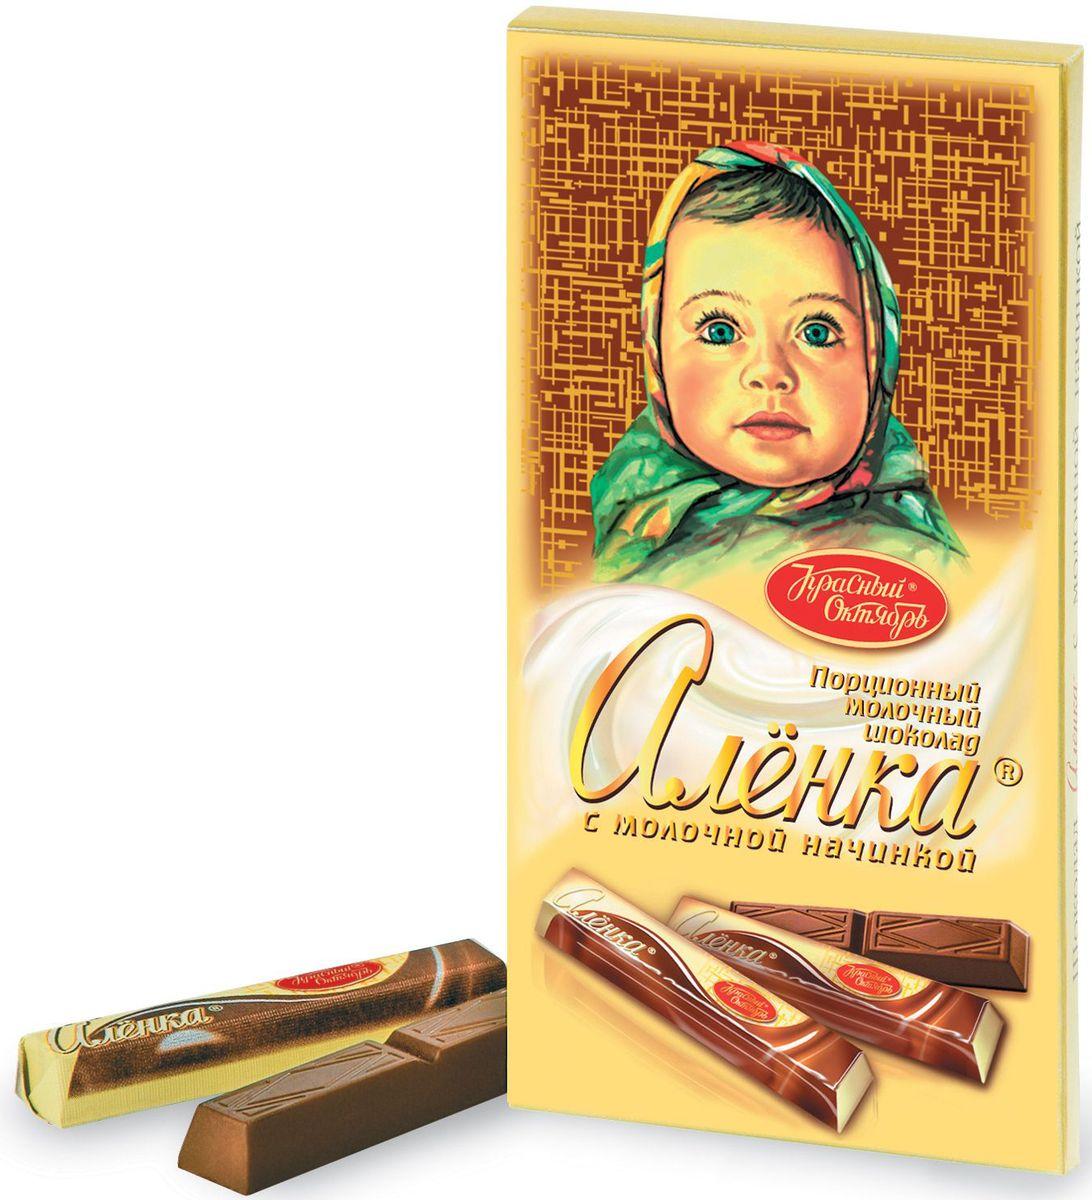 Красный Октябрь Аленка в стиках с молочной начинкой молочный шоколад, 100 гКО07820Знаменитый шоколад Алёнка выпускается кондитерской фабрикой Красный Октябрь.